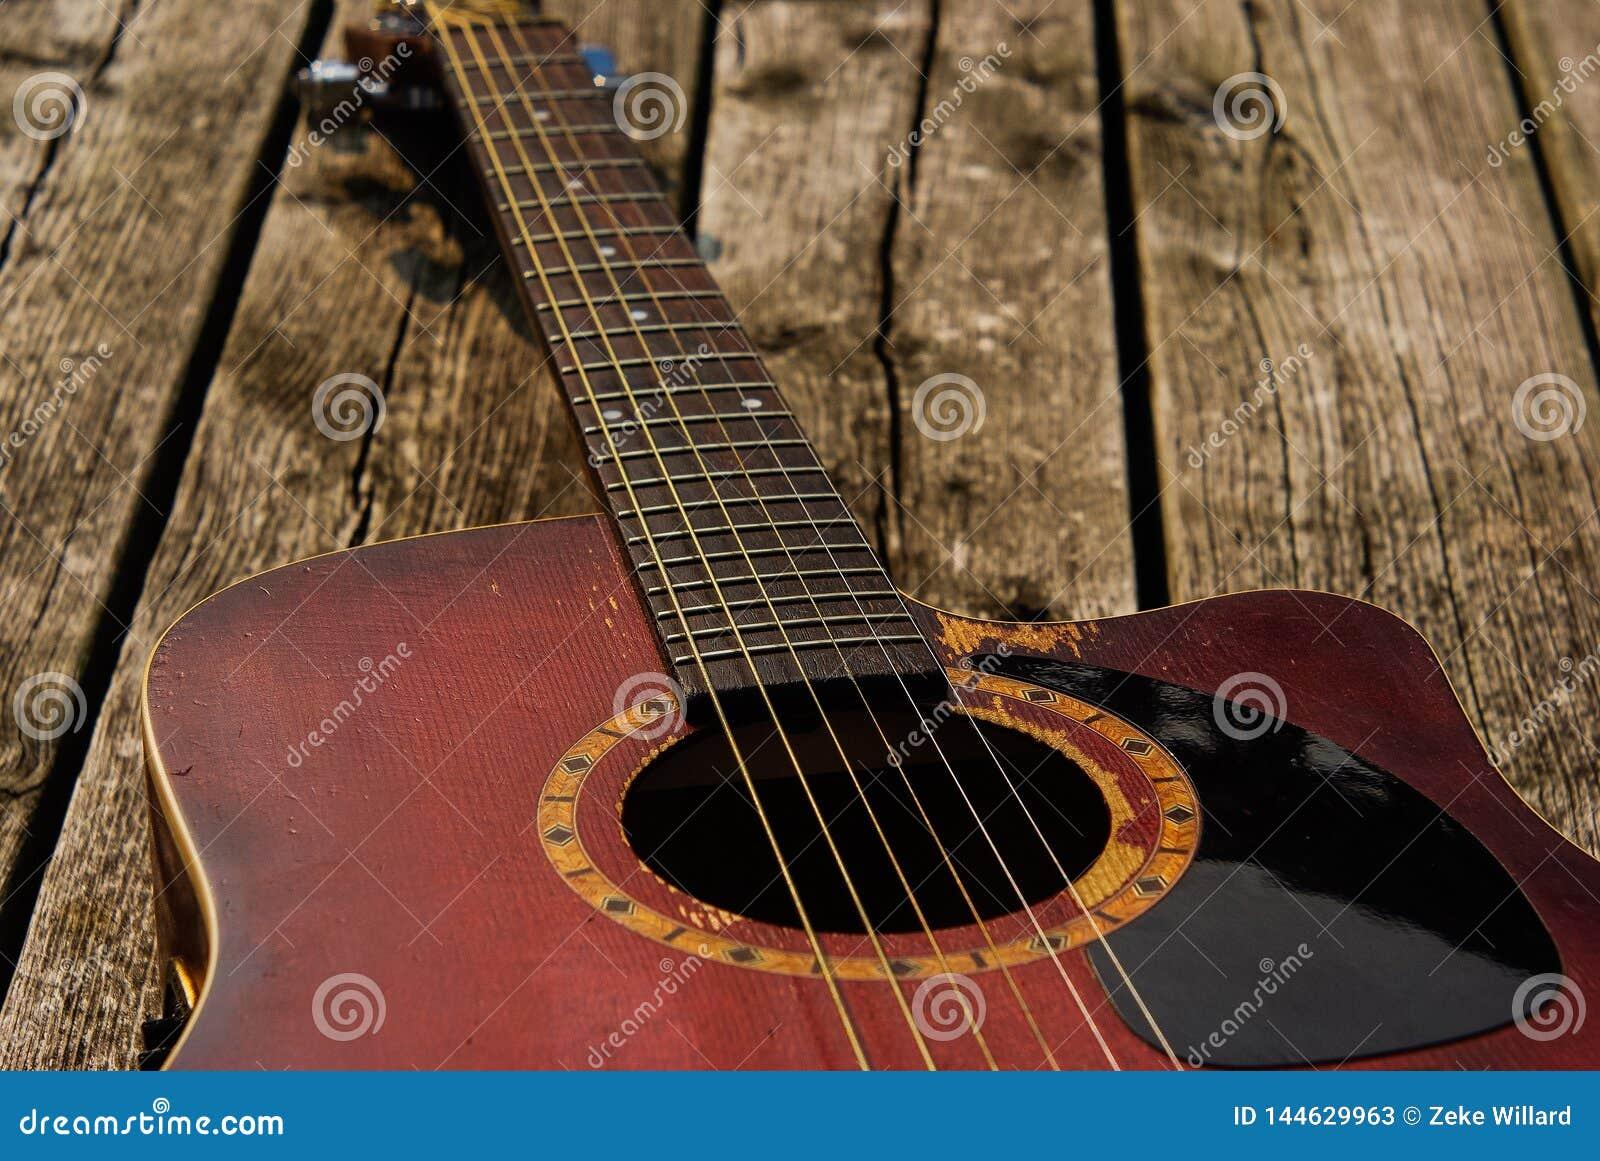 Slå upp den röda akustiska gitarren